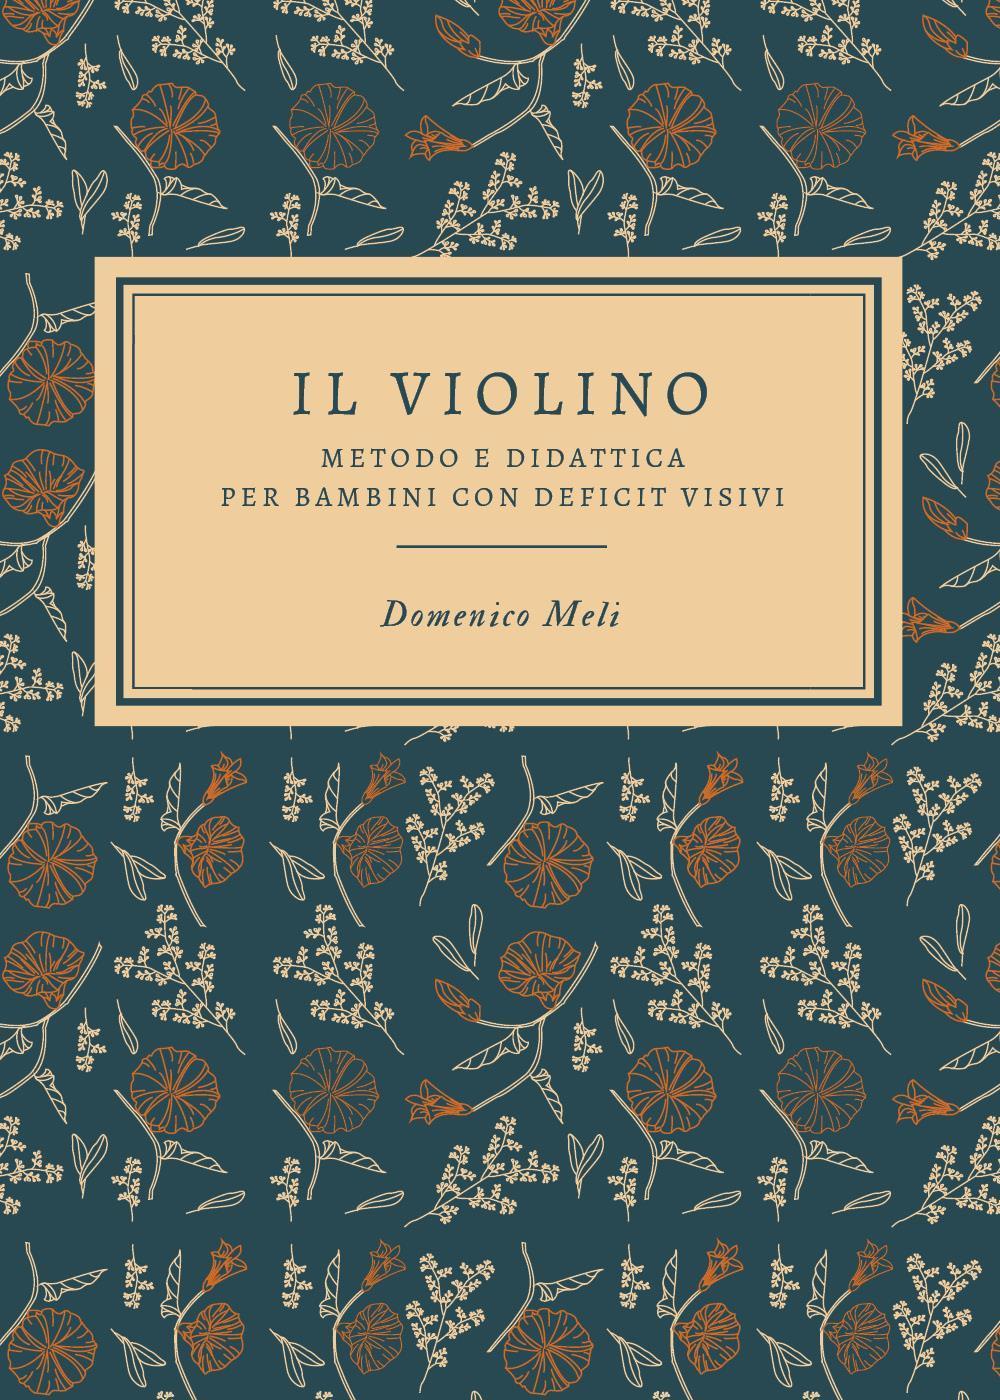 Il violino. Metodo e didattica per bambini con deficit visivi